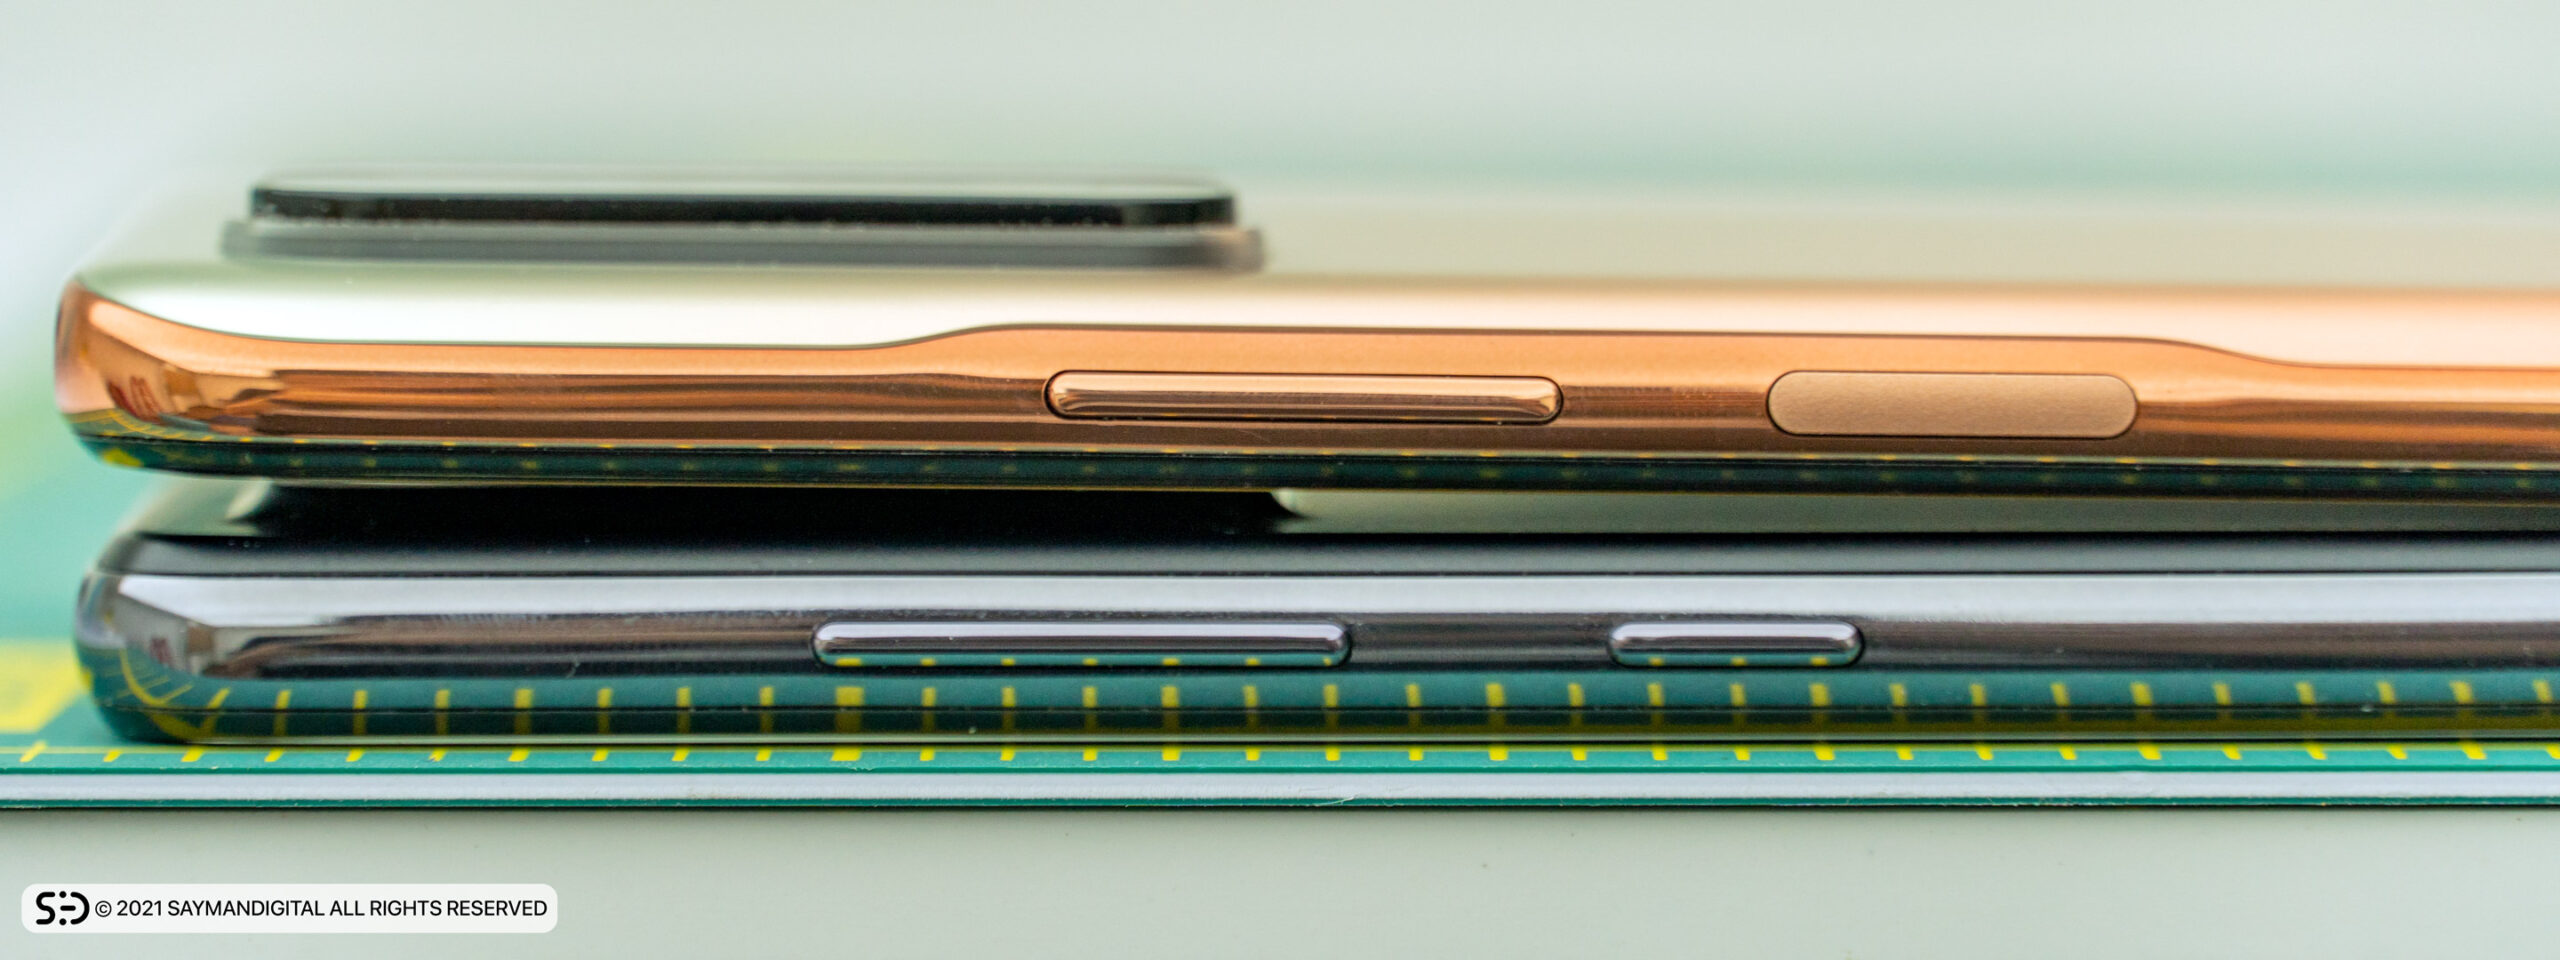 لبهی سمت راست دو گوشی - redmi note 10 pro یا a52